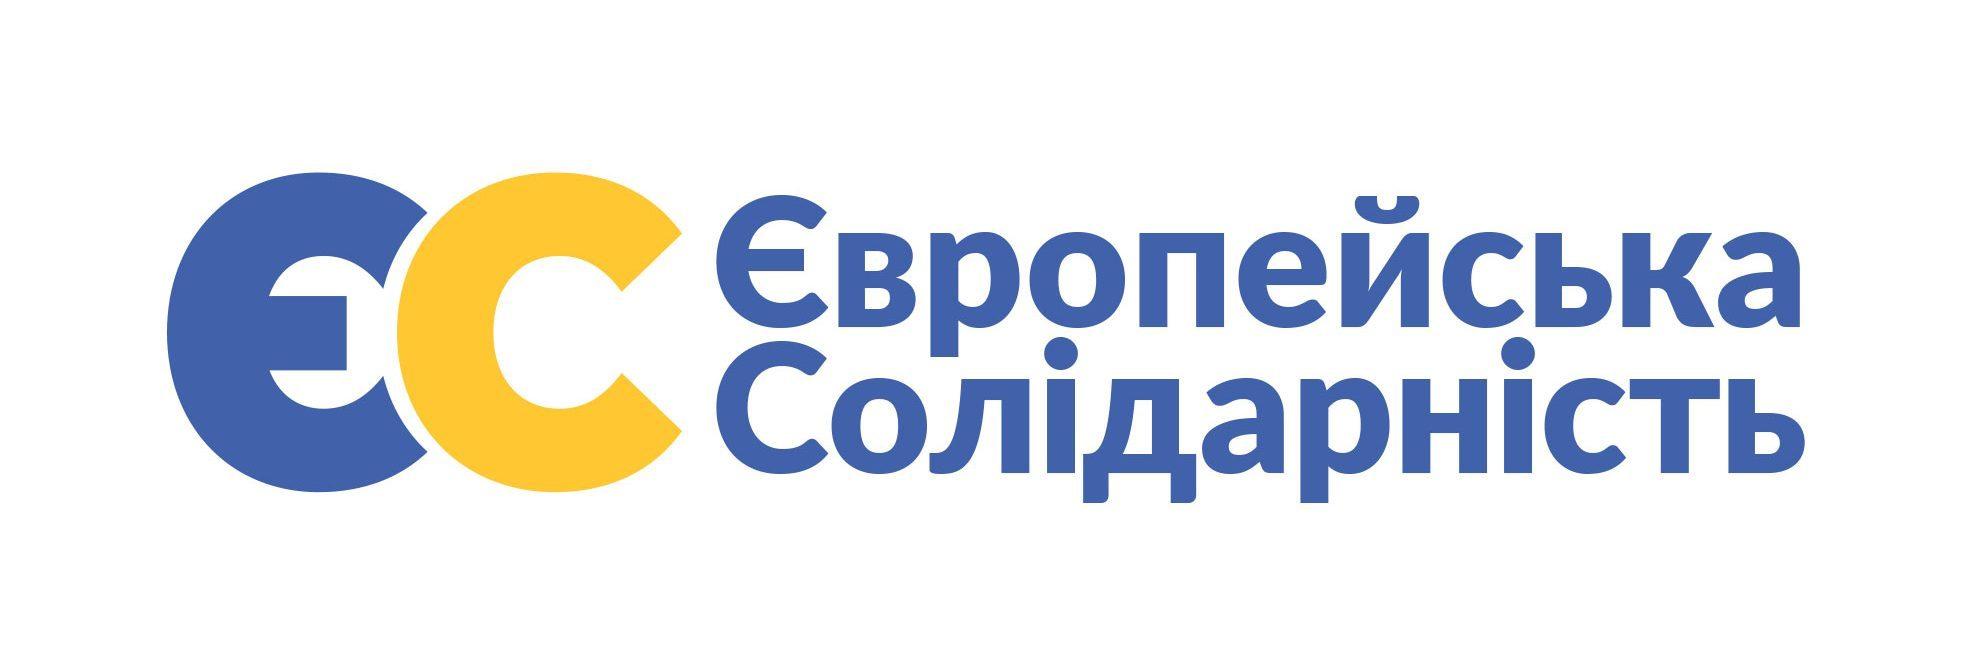 Європейська Солідарність – Дніпропетровська територіальна організація